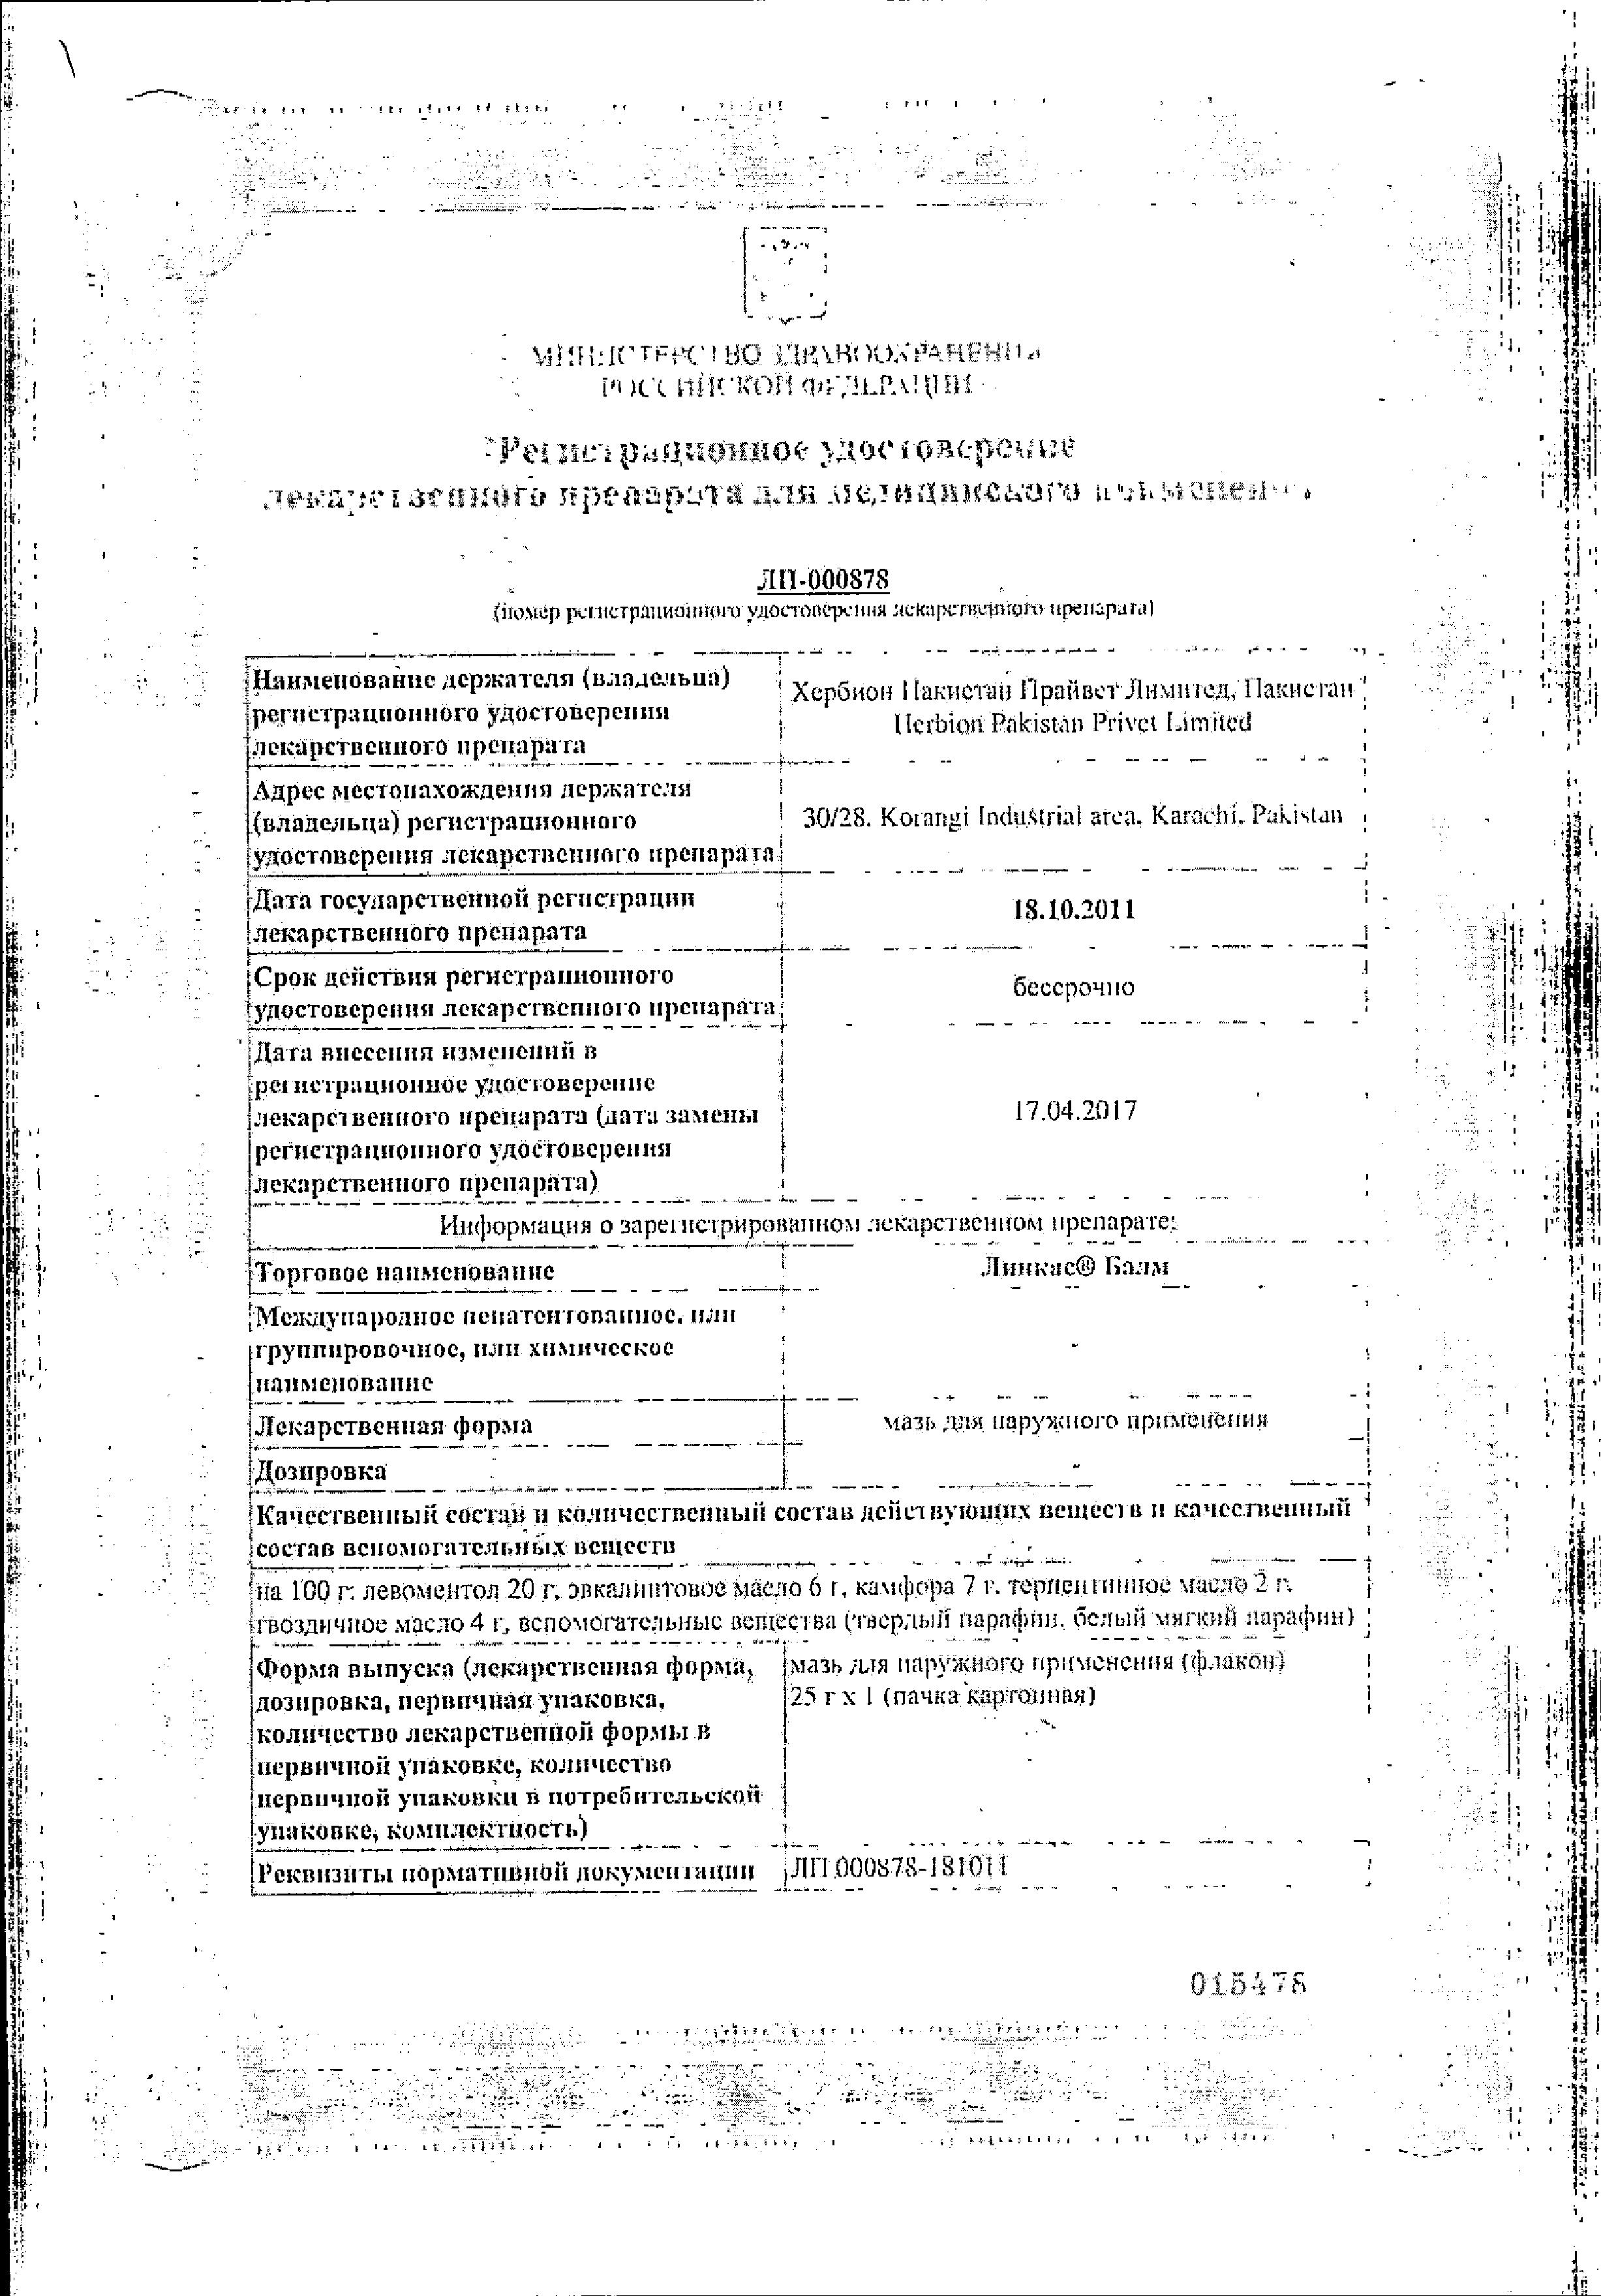 Линкас Балм сертификат